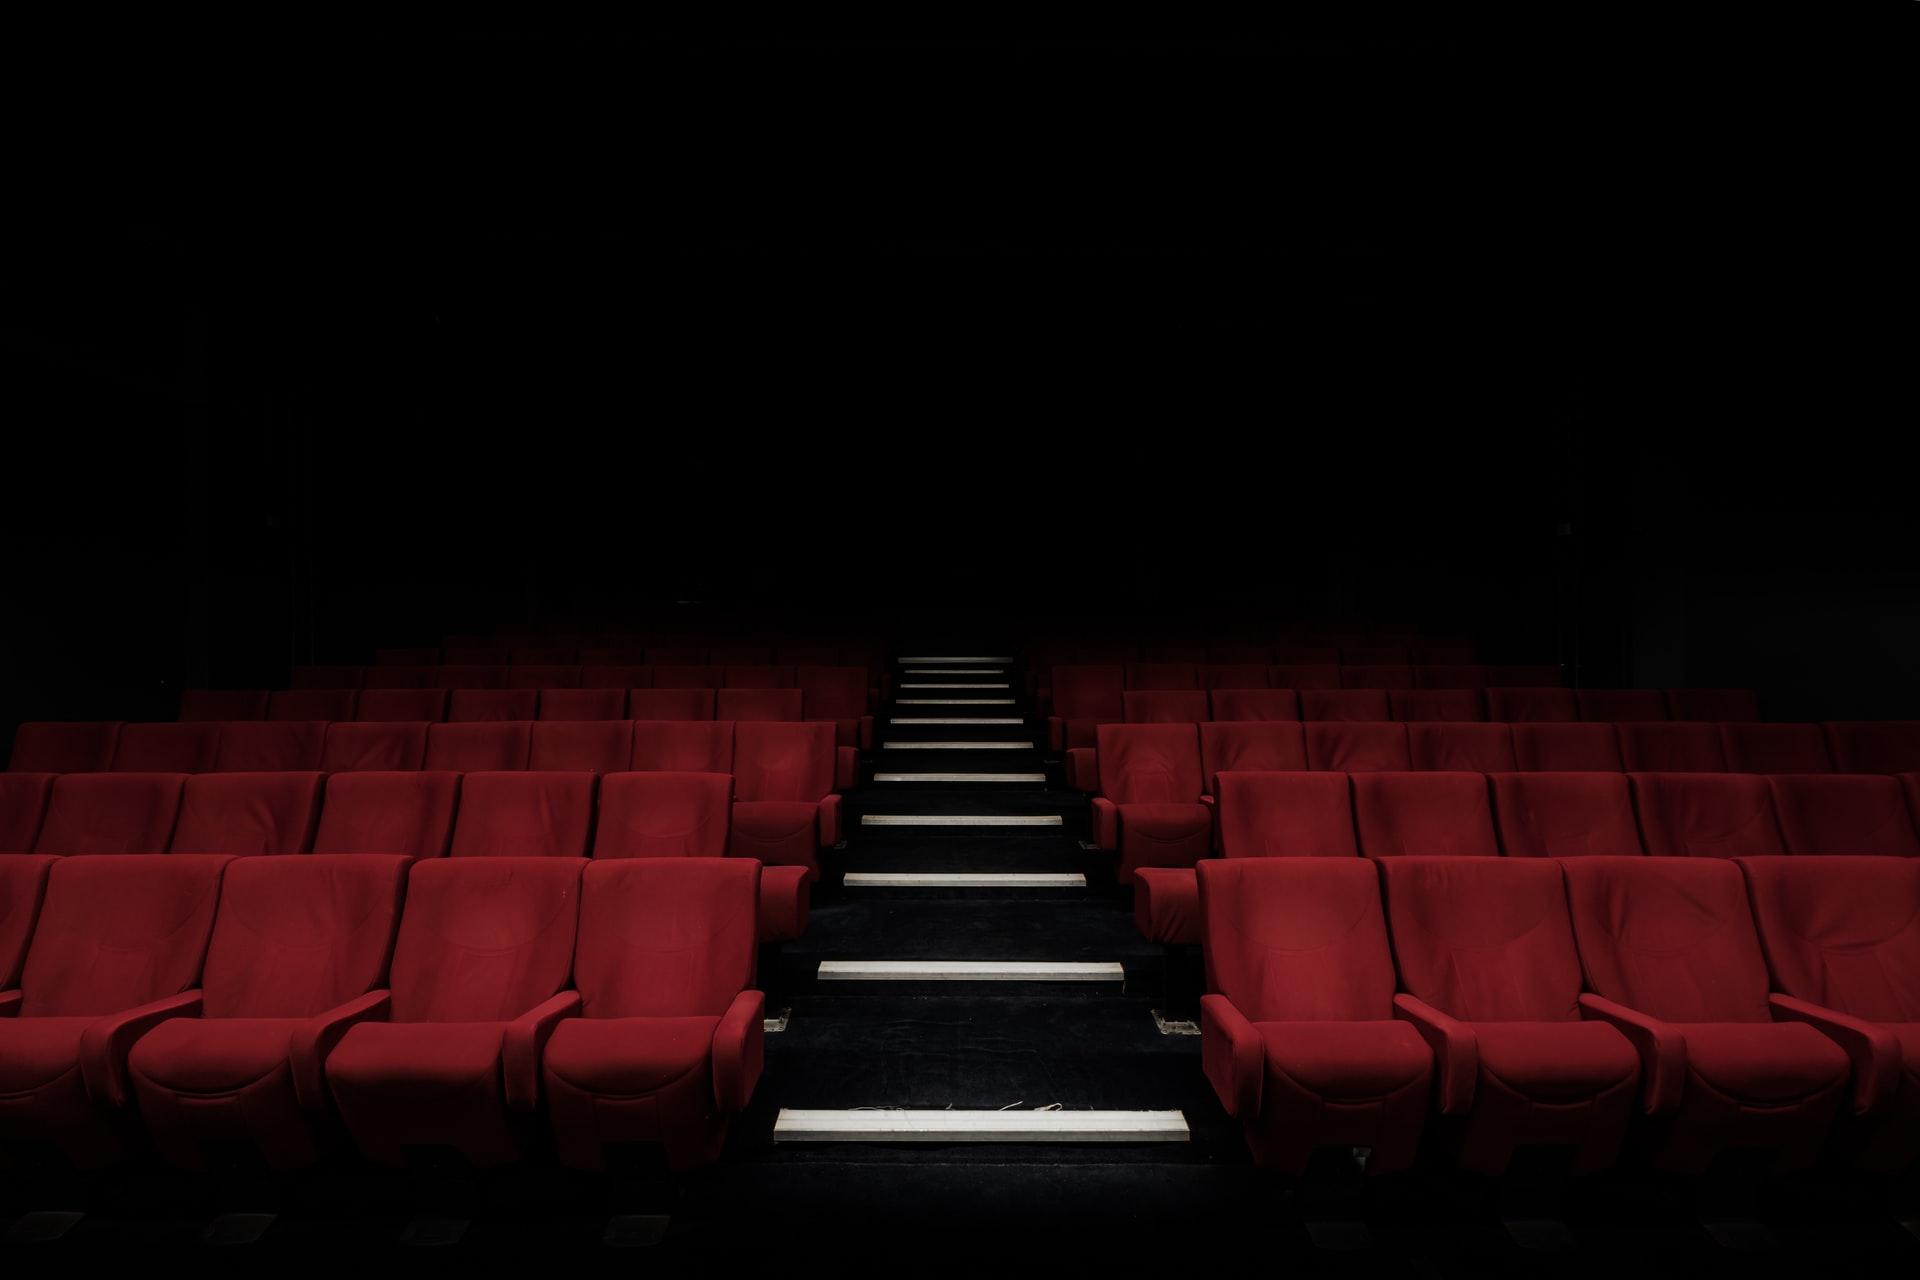 Sinemalar ne zaman açılacak, açıldı mı? İstanbul sinemalar açık mı? 1 Temmuz'da açılacak mı?